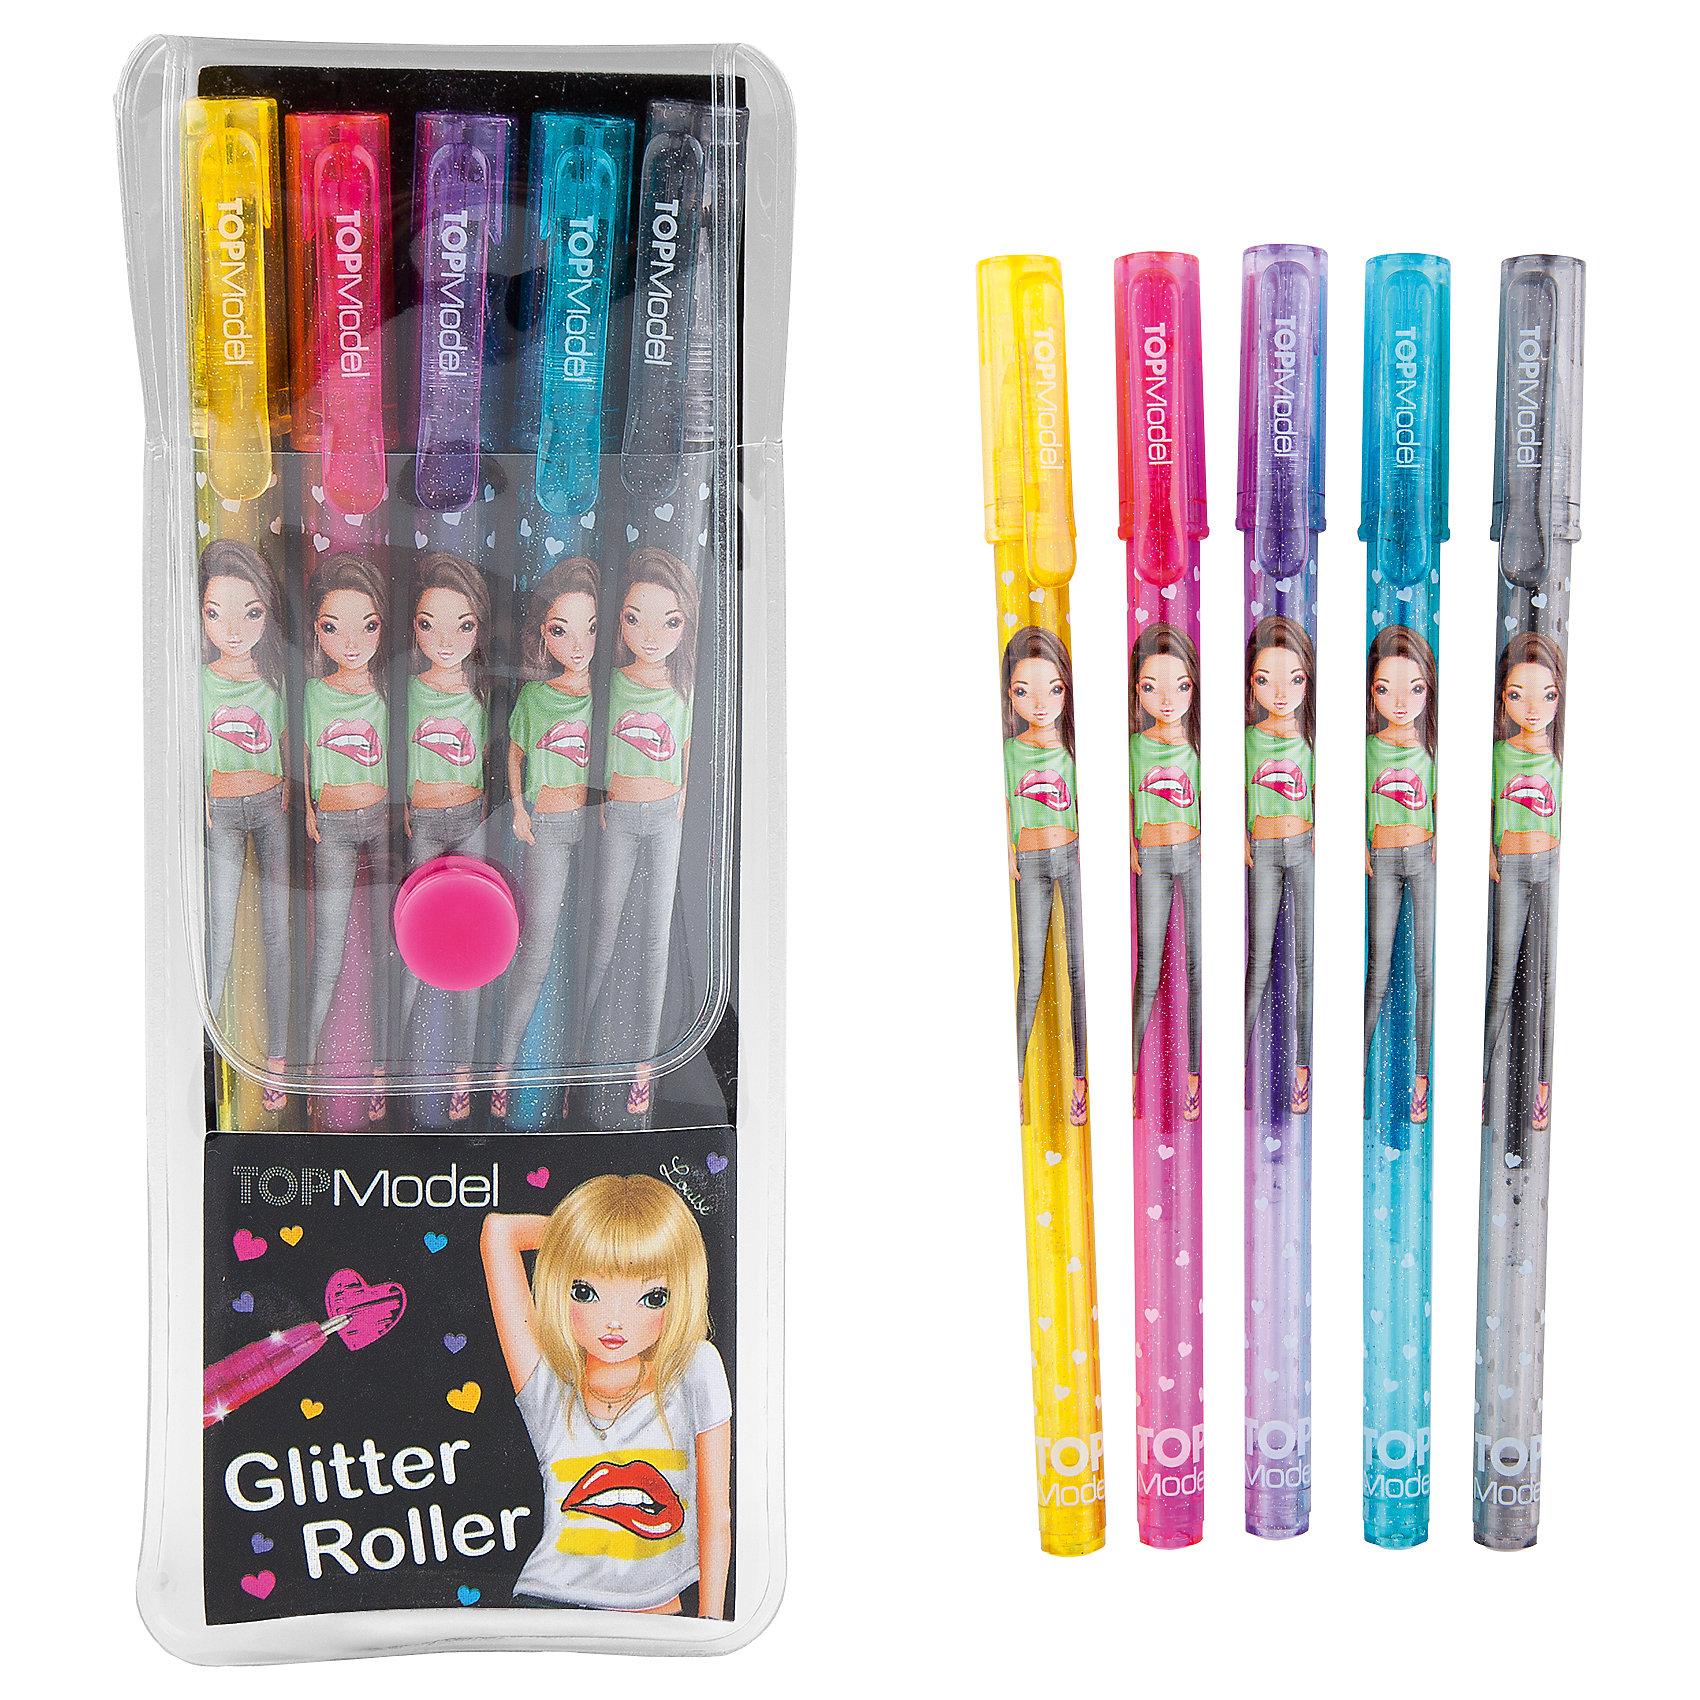 Ручки с блестками Glitter, TOPModelРучки с блестками Glitter, TOPModel<br><br>Характеристики:<br><br>• Ручки с блестками<br>• Цветов: 5<br>• Размер: 16,5х6,5 см<br><br>Теперь в серии TOPModel появились так же и яркие ручки с блестками, которые пригодятся каждому начинающему или профессиональному дизайнеру одежды на бумаге. Они тонко ложатся и не размазываются по тетради. Такие ручки можно использовать и в школе, для того, чтобы выделять важные правила или подчеркивать тему урока. <br><br>Ручки с блестками Glitter, TOPModel можно купить в нашем интернет-магазине.<br><br>Ширина мм: 161<br>Глубина мм: 58<br>Высота мм: 17<br>Вес г: 42<br>Возраст от месяцев: 60<br>Возраст до месяцев: 120<br>Пол: Женский<br>Возраст: Детский<br>SKU: 2327771